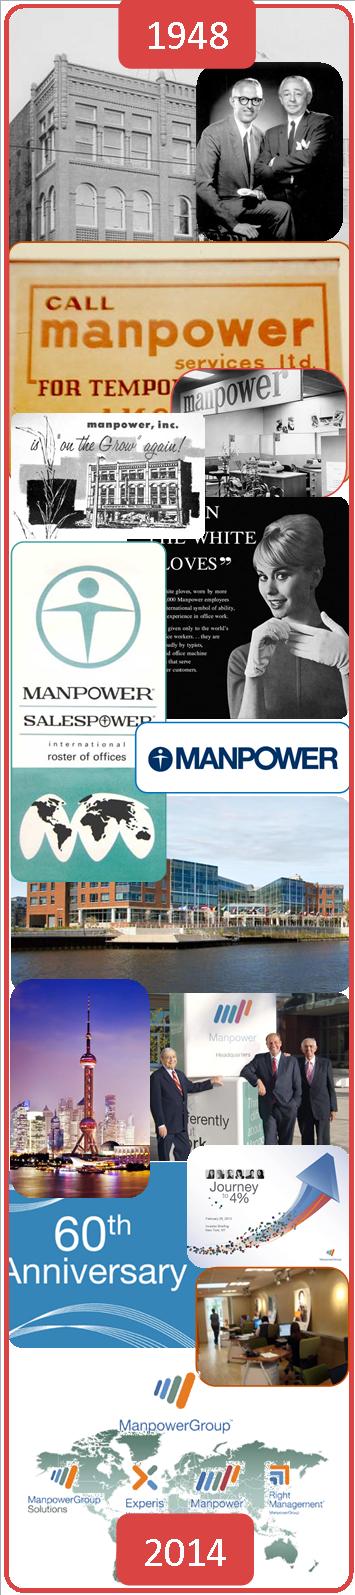 ManpowerGroup, agenturní zaměstnání